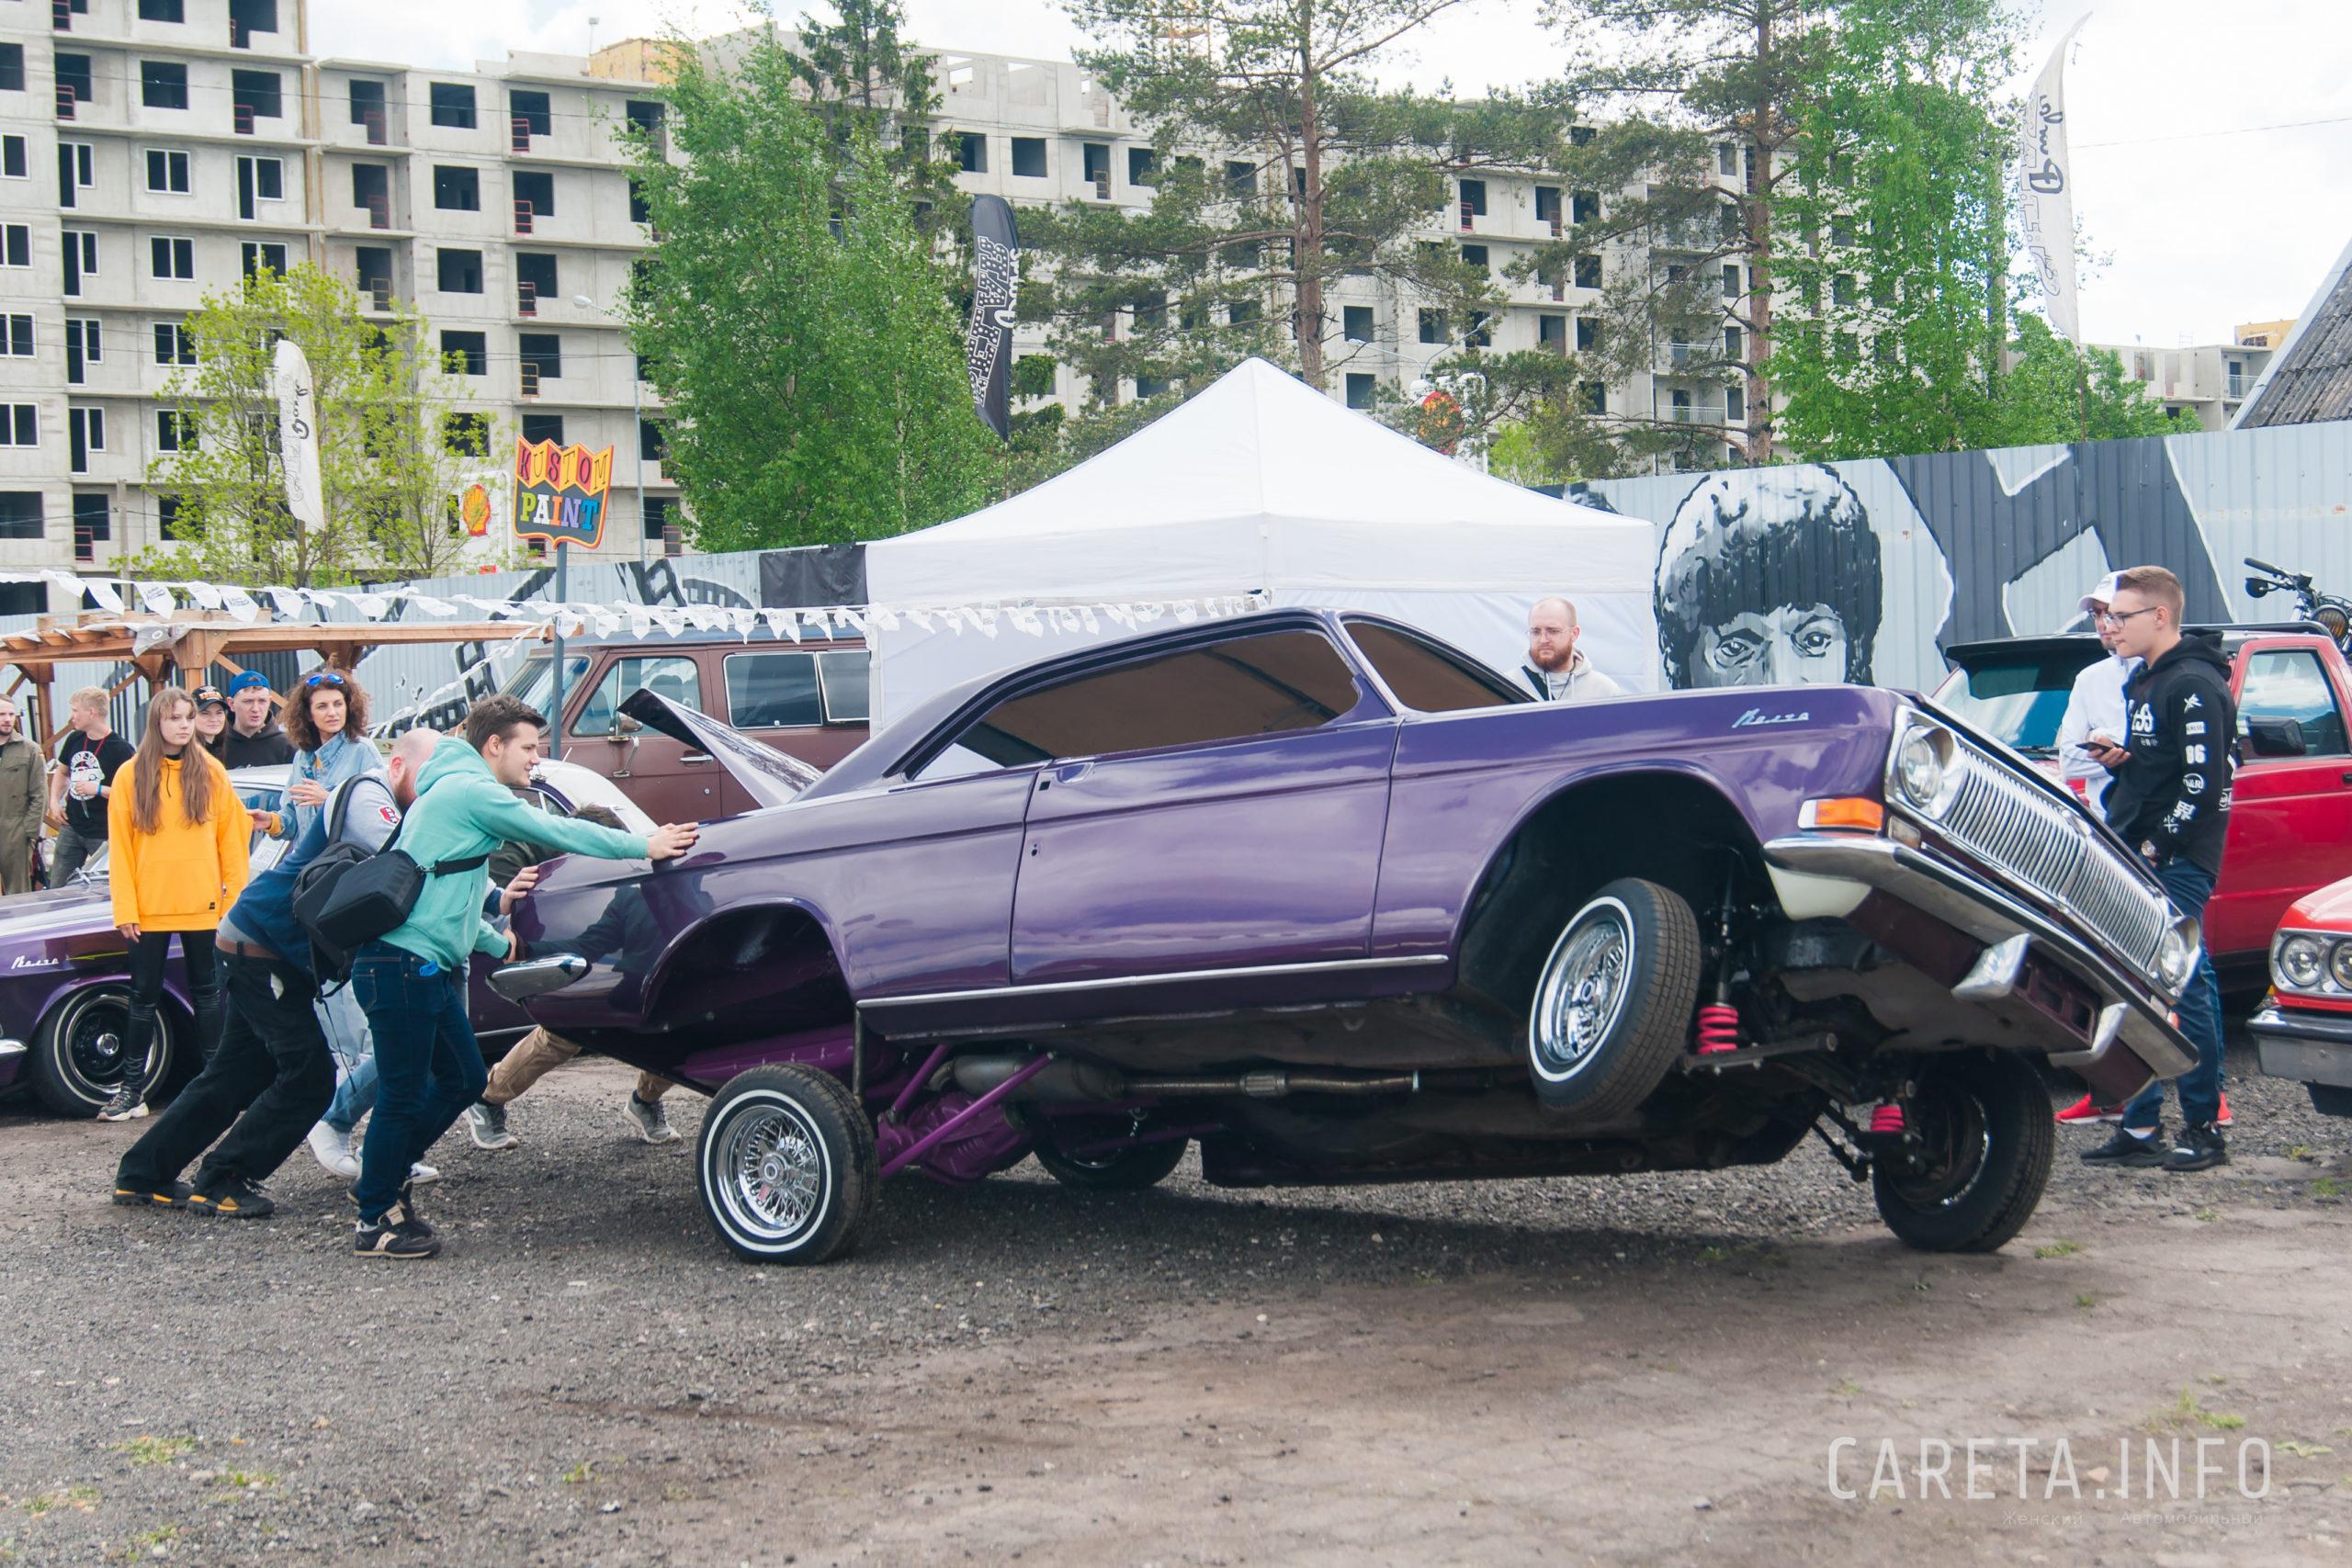 Кастом Weekend впервые в Петербурге